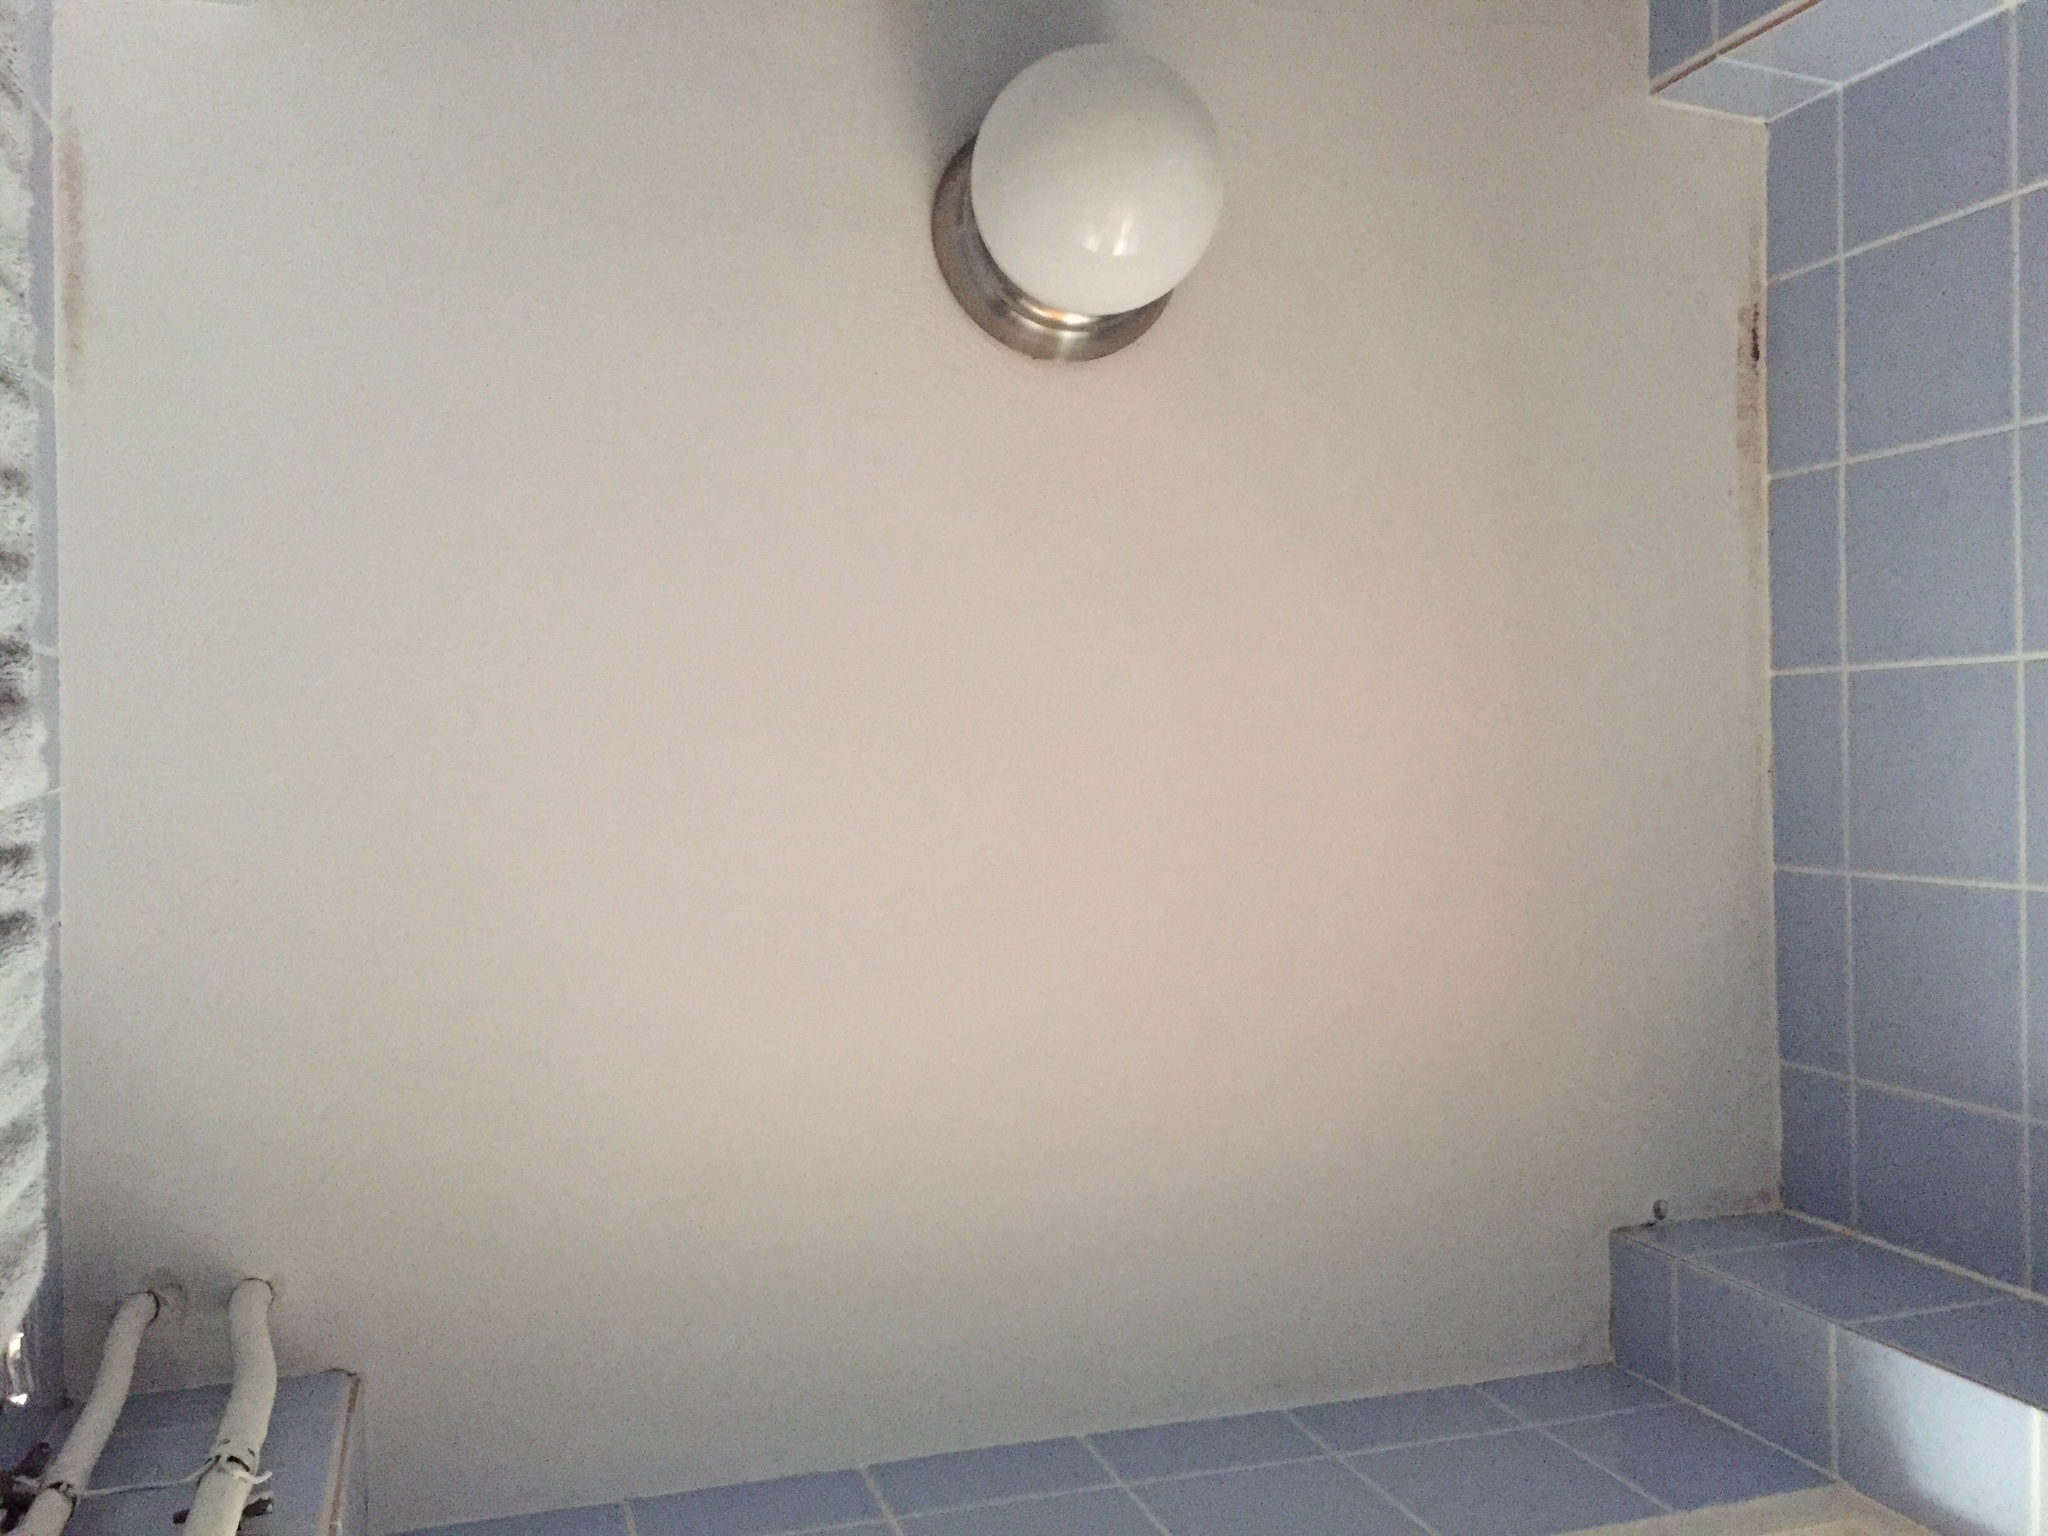 Schilderen badkamer/douche plafond 2m2 - Werkspot